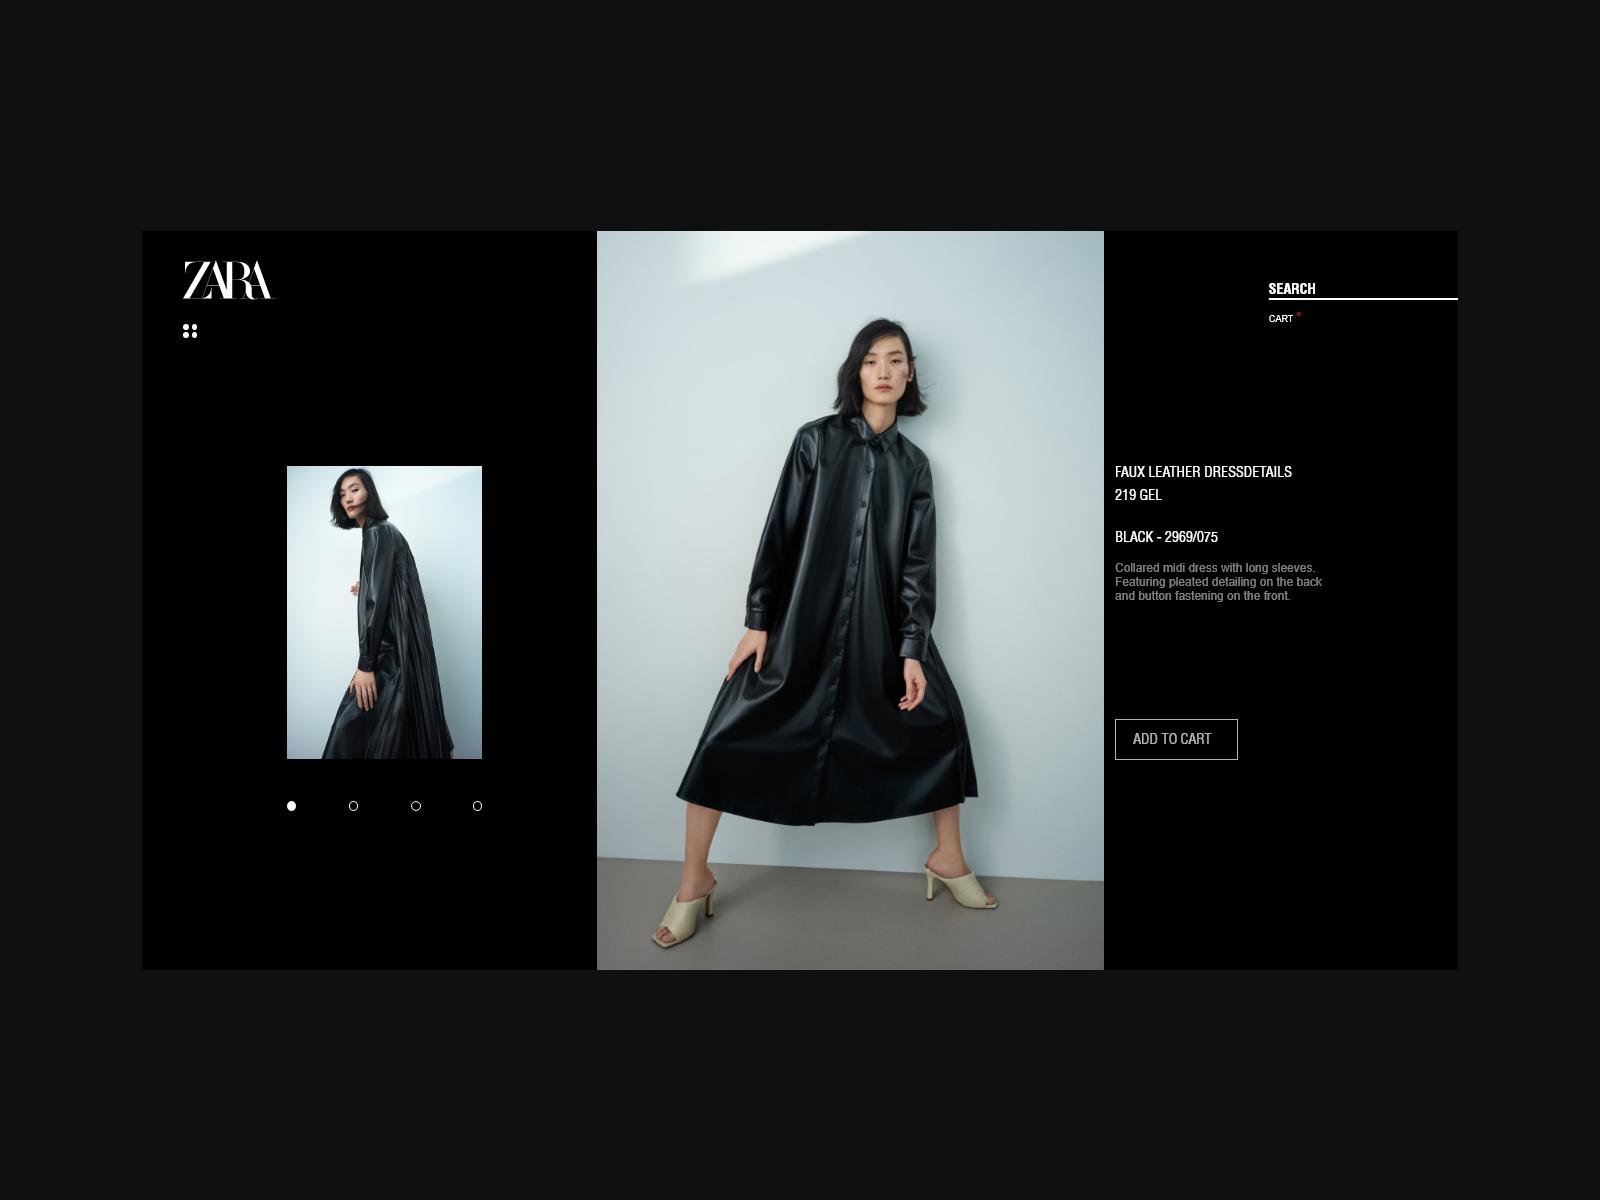 Zara Ecommerce Web By Tako Samkharadze On Dribbble